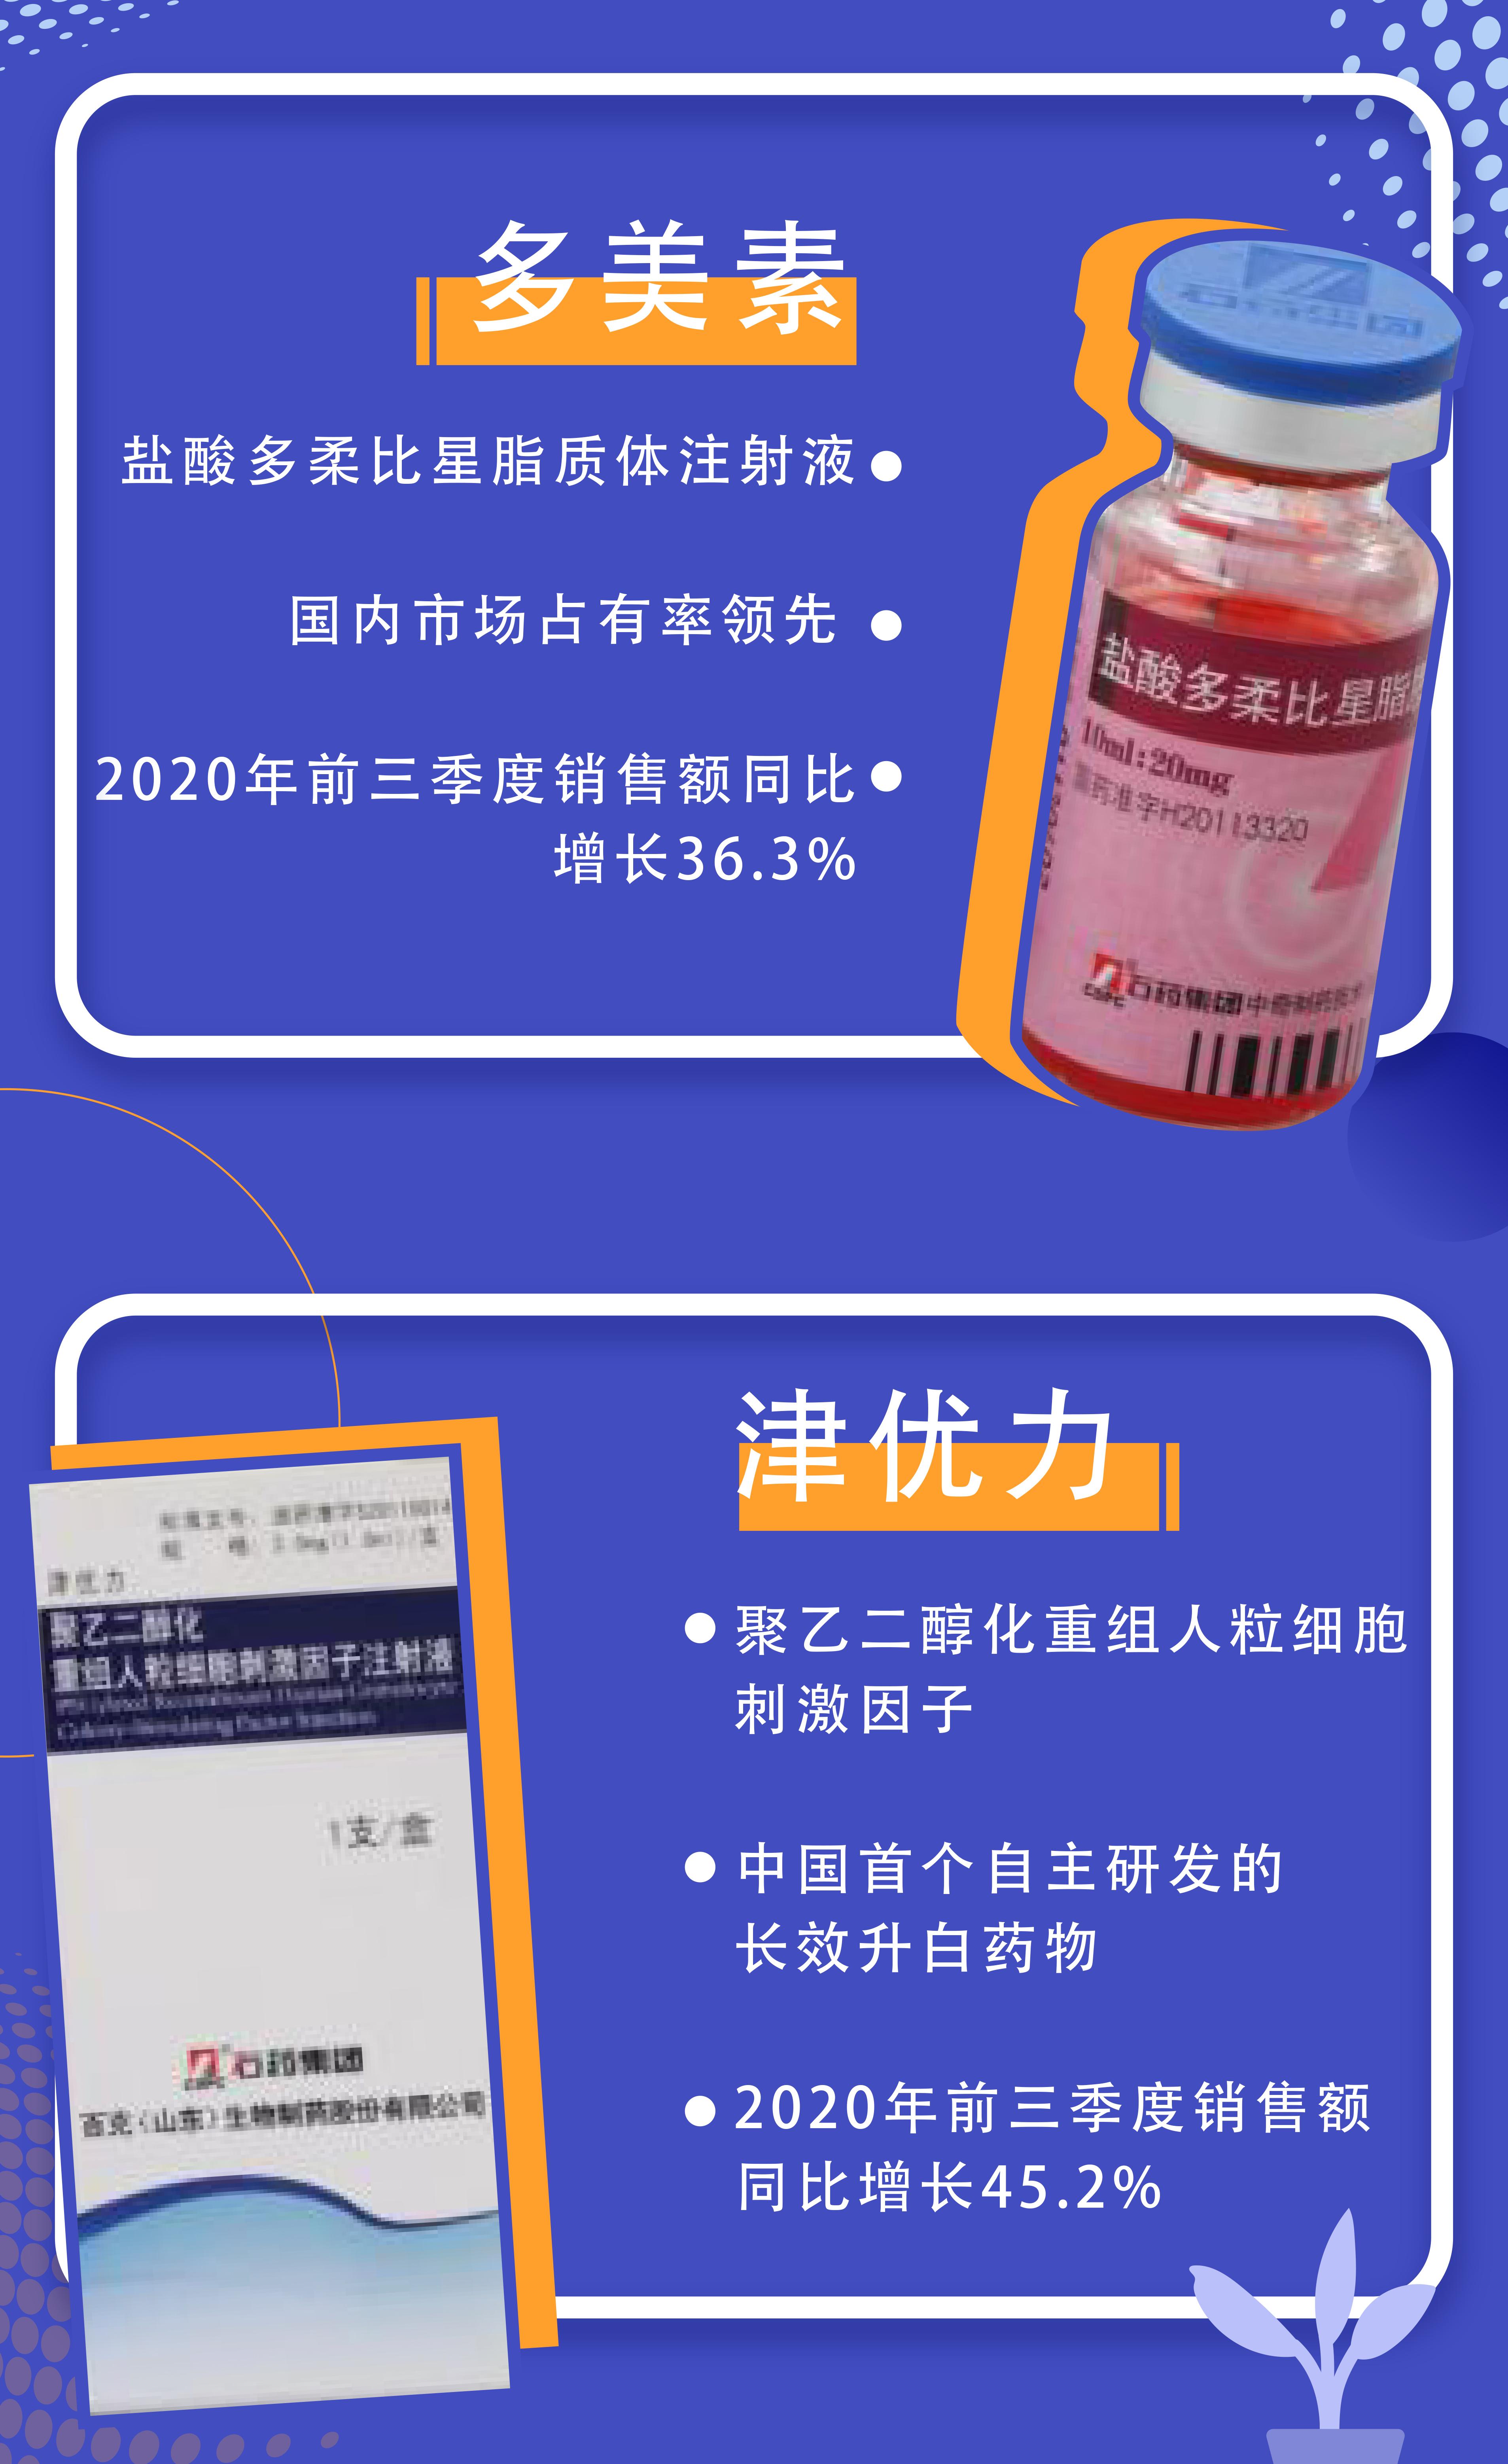 石药集团:前三季度收入近200亿,纯利升25%